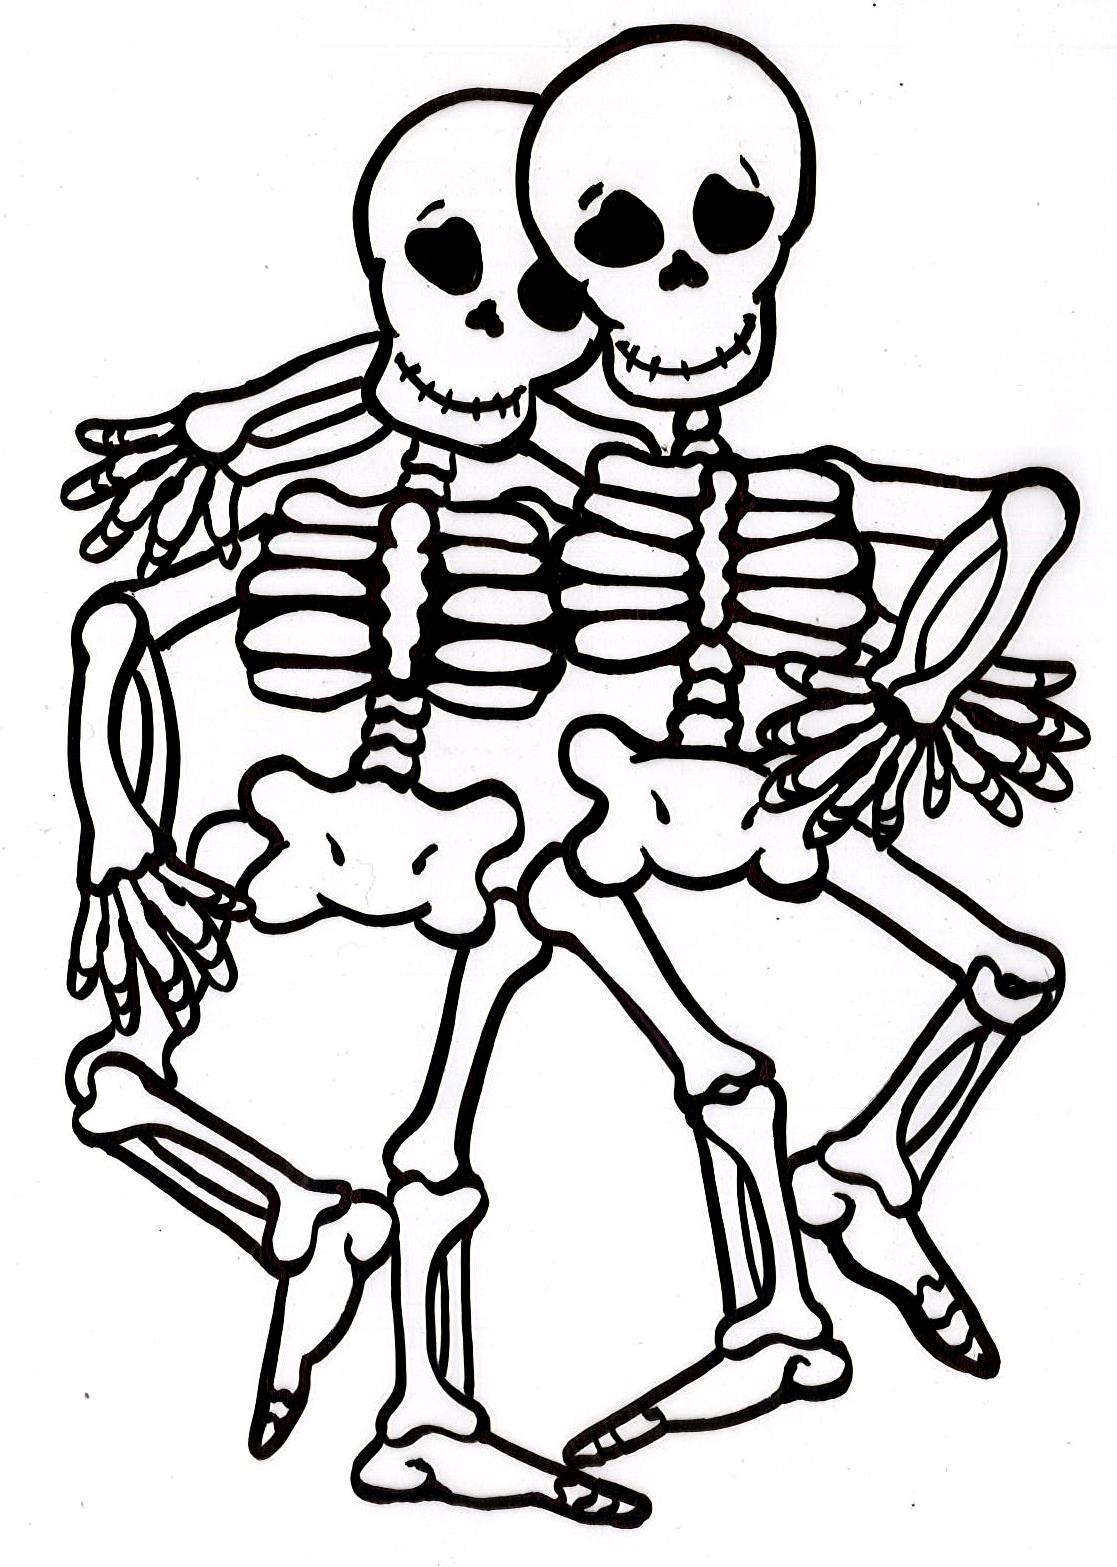 Dibujos Para Colorear De Esqueletos De Dinosaurios ~ Ideas Creativas ...